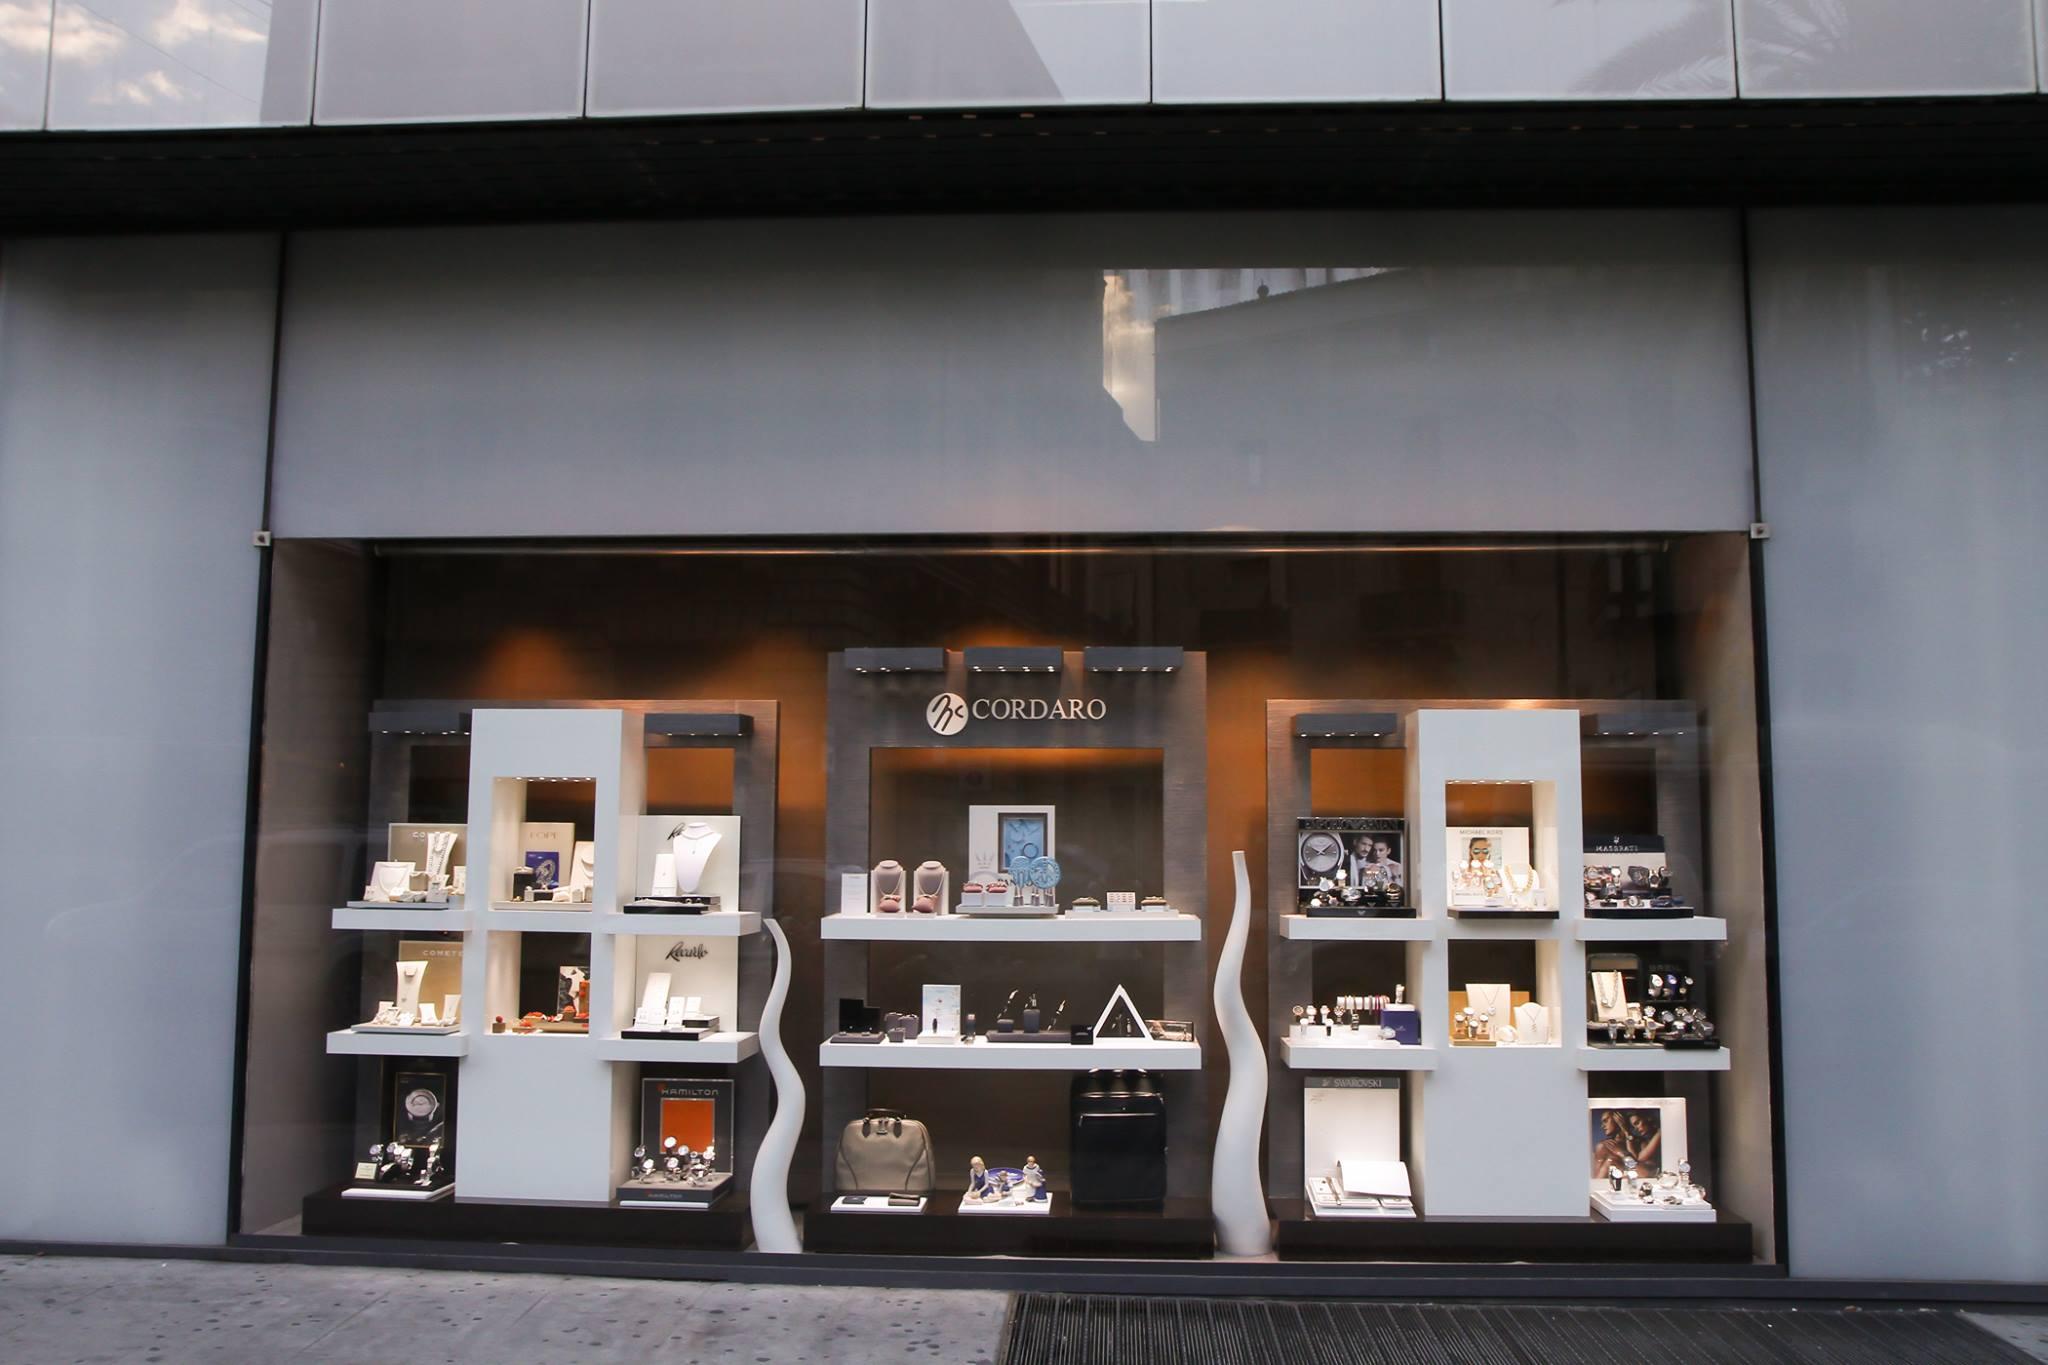 rivenditore online 07edd 8efd8 Gioiellerie Cordaro Shop in shop a la Rinascente di Palermo